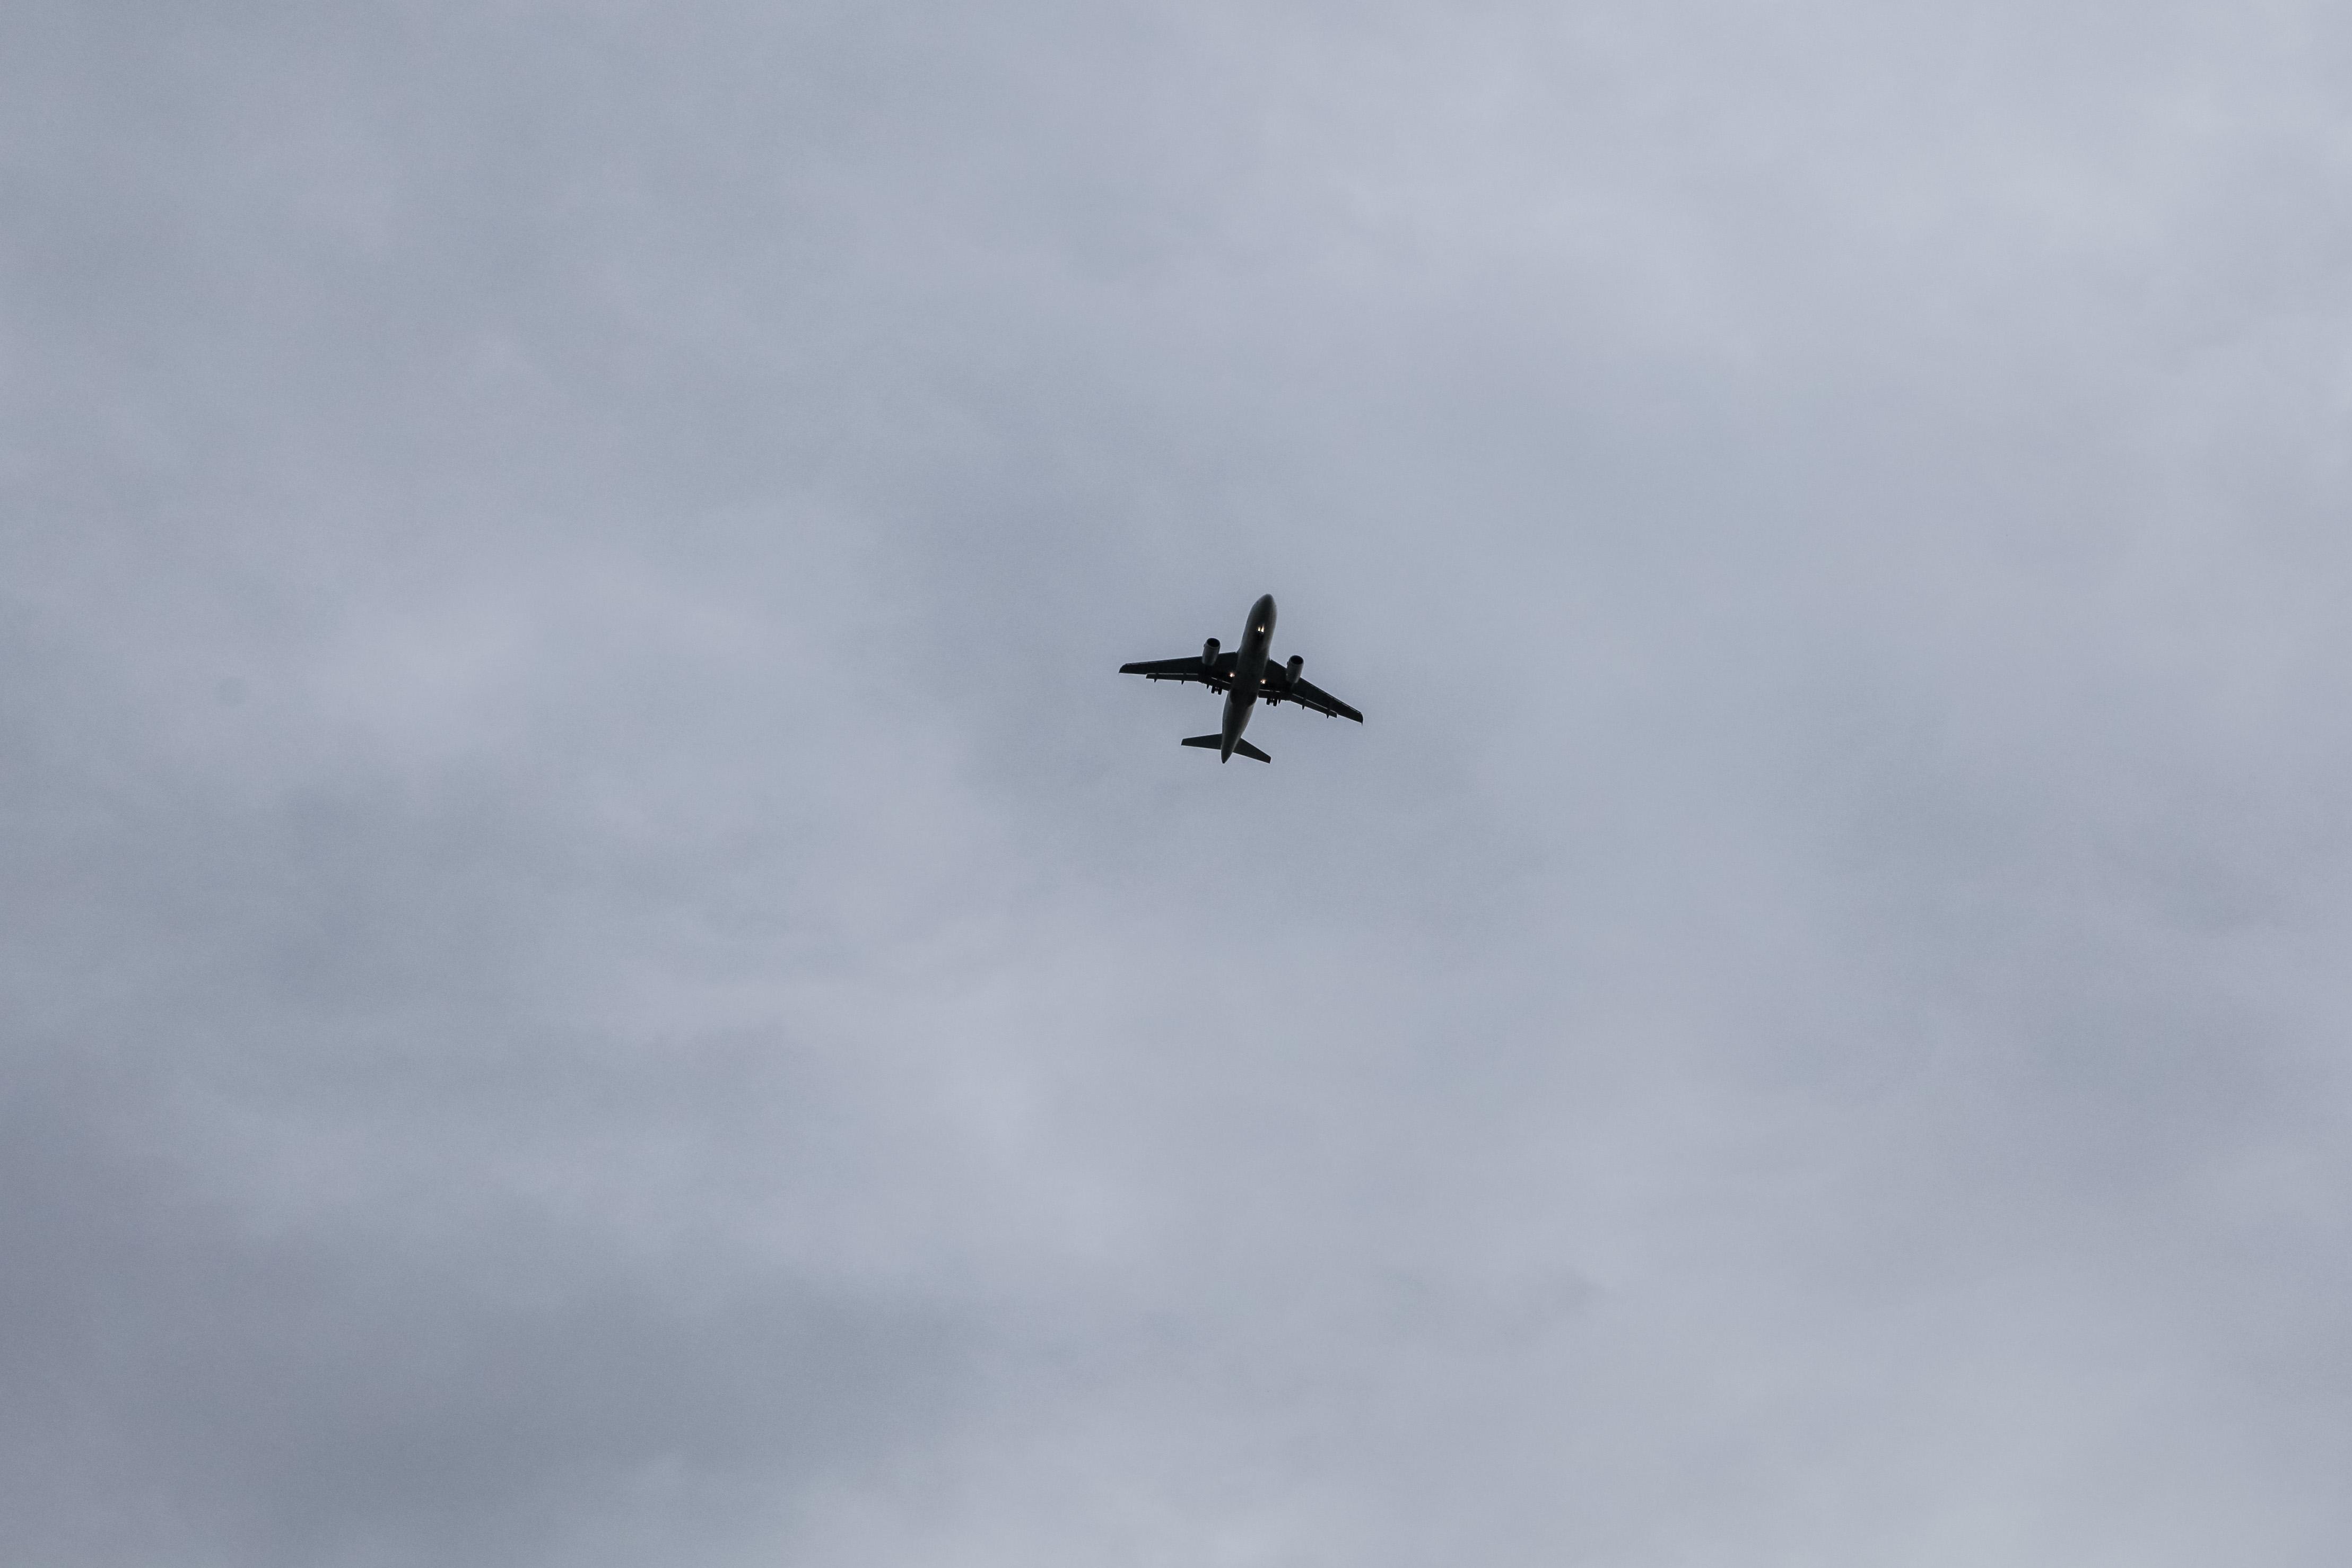 TAP e easyJet não voaram para a Madeira devido aos ventos fortes